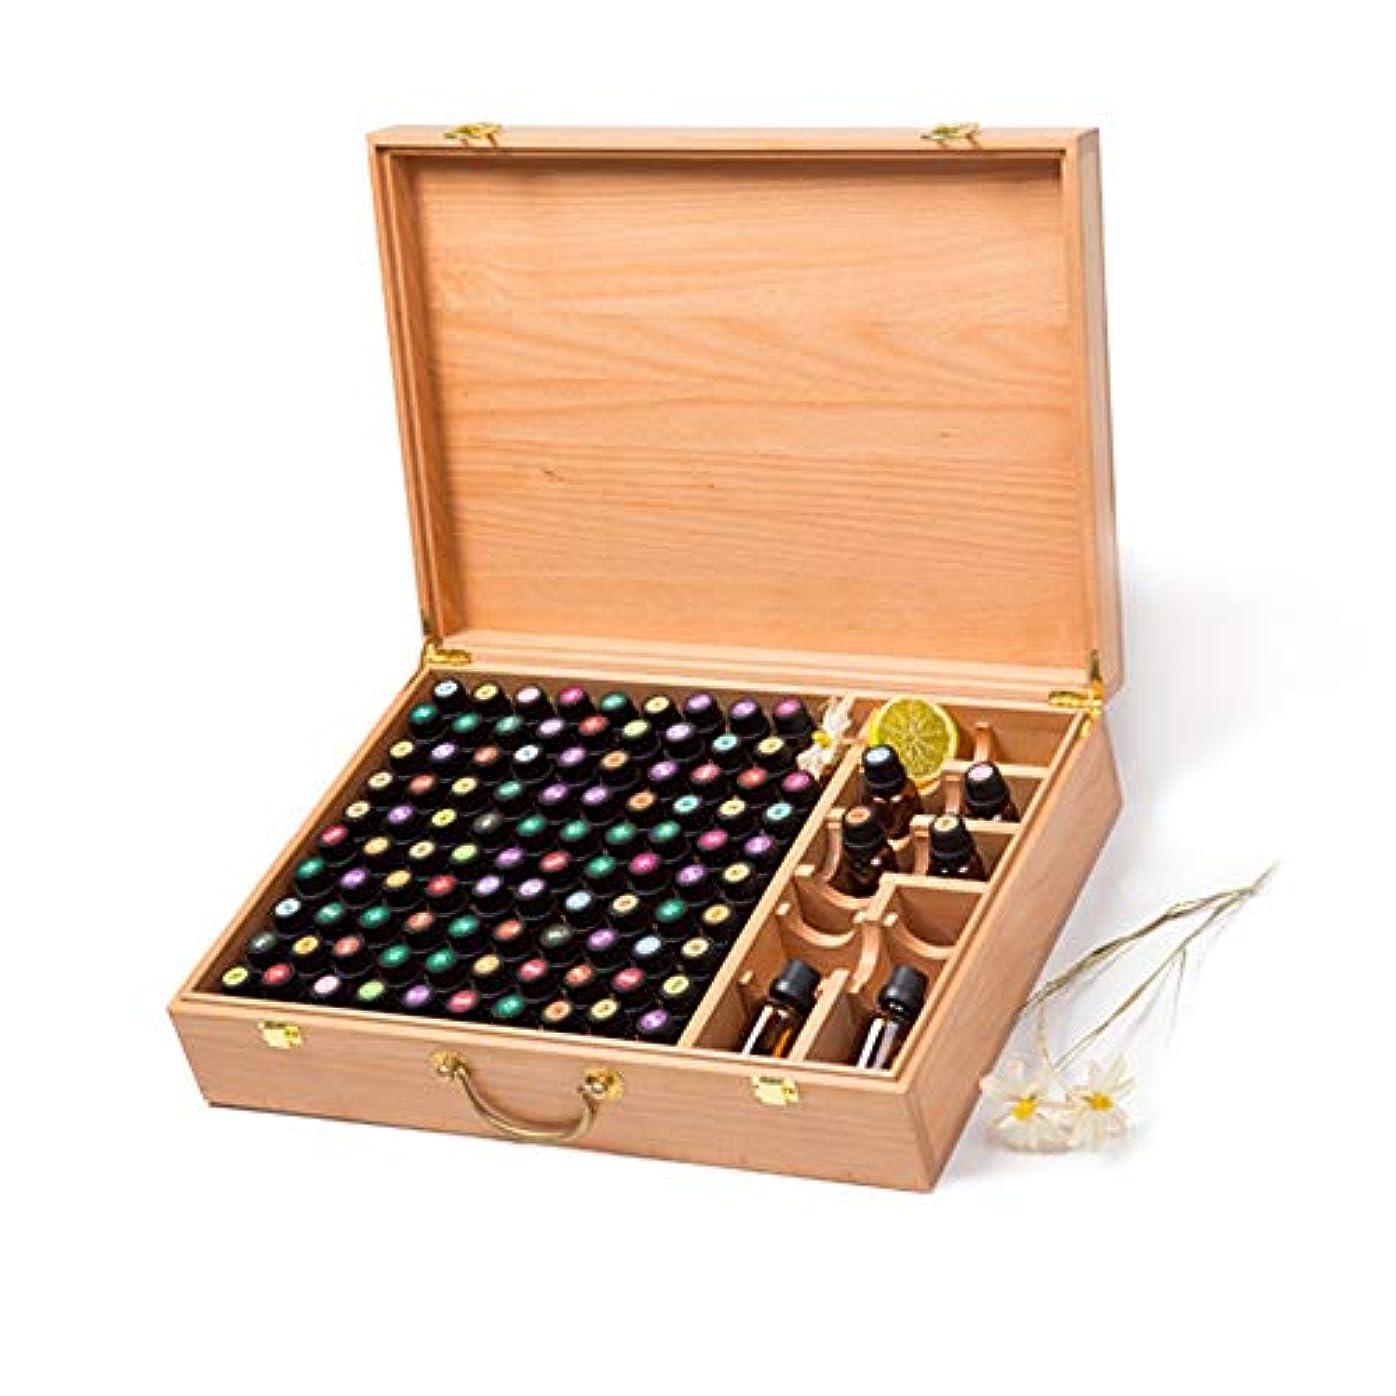 死ジュニア記念日ハンドルパーフェクトエッセンシャルオイルのケースでは手作りの木製エッセンシャルオイルストレージボックスは100の油のボトルを保持します アロマセラピー製品 (色 : Natural, サイズ : 44X31.5X10.5CM)